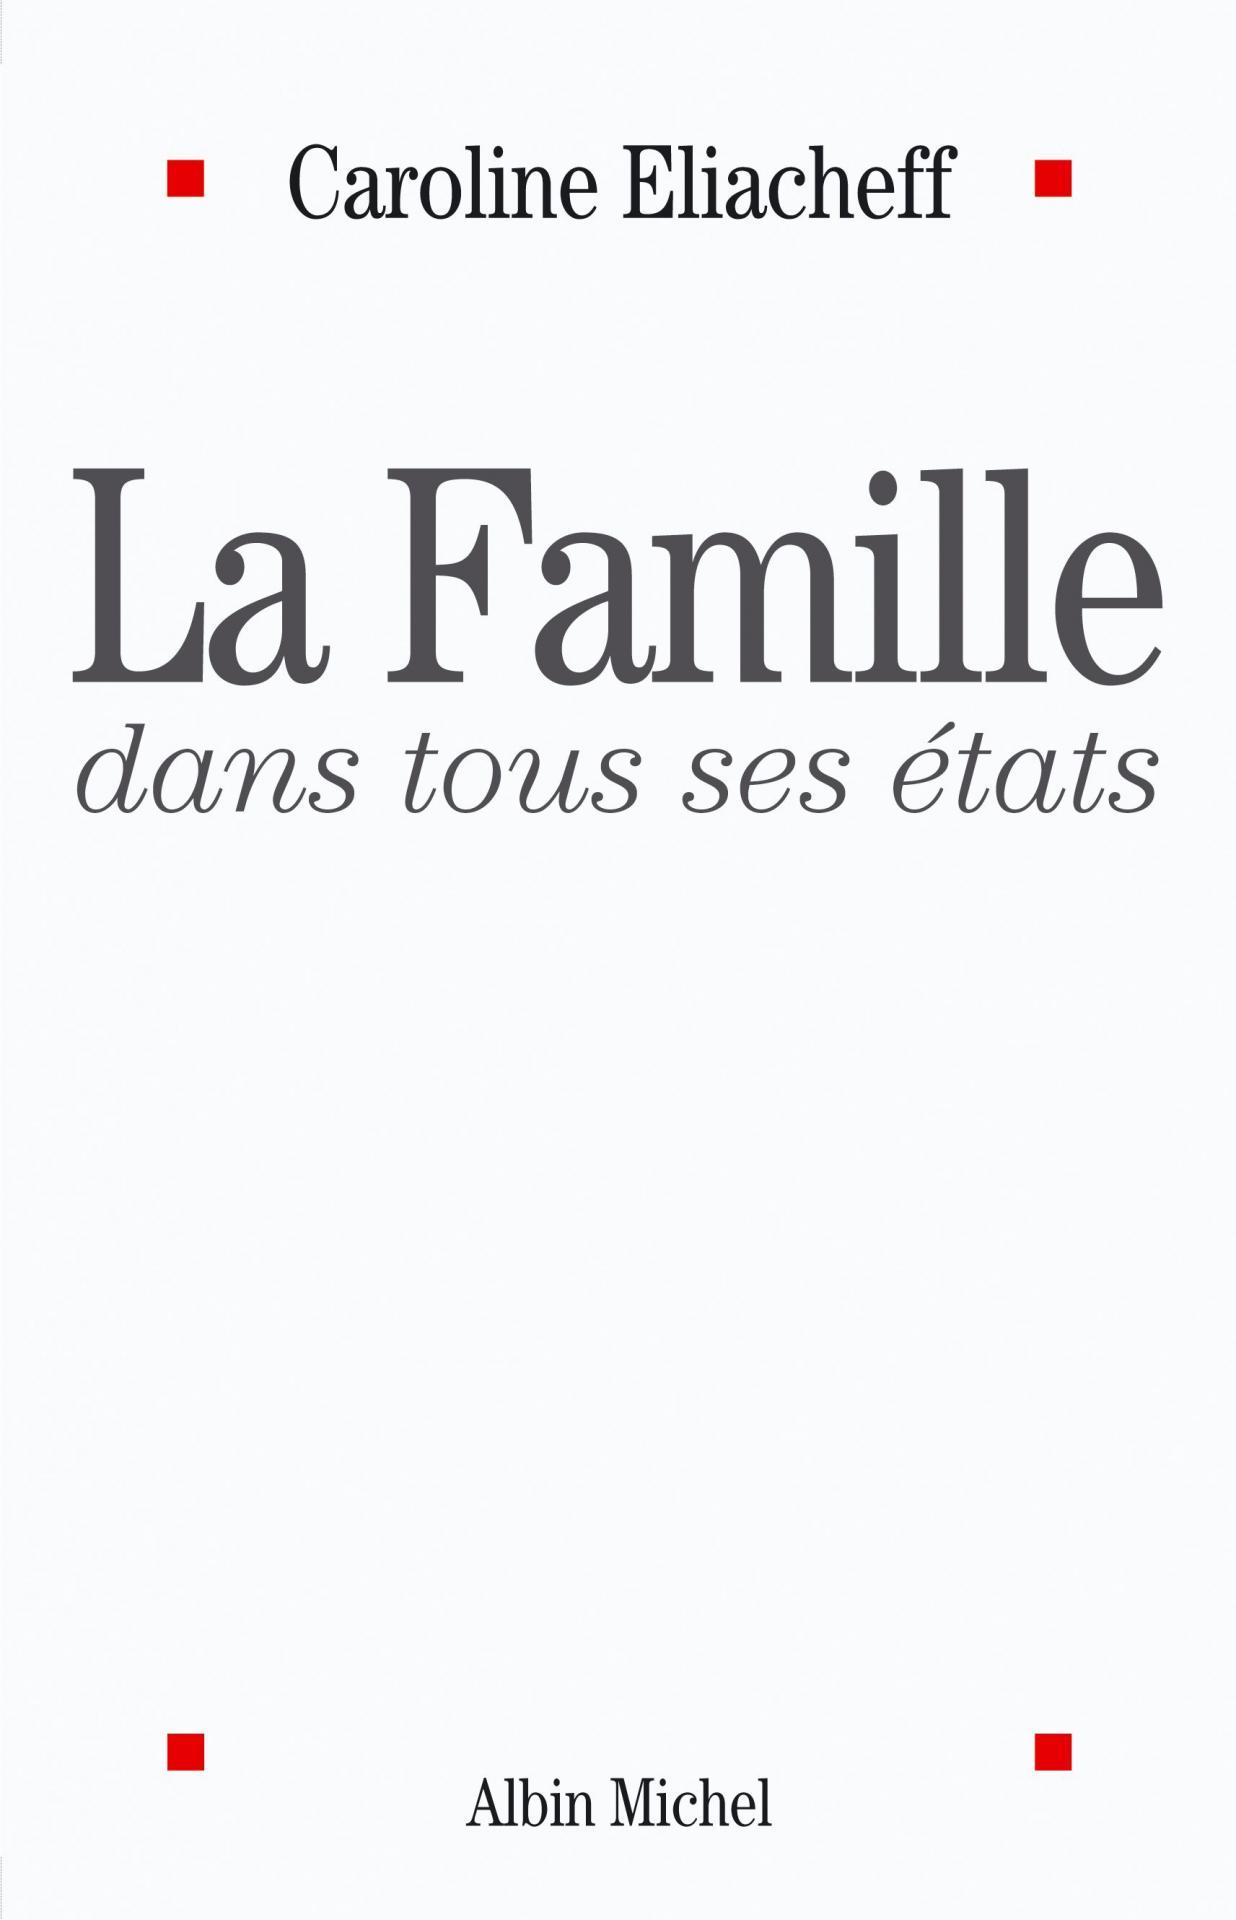 """""""La famille dans tous ses états"""", Caroline Eliacheff"""